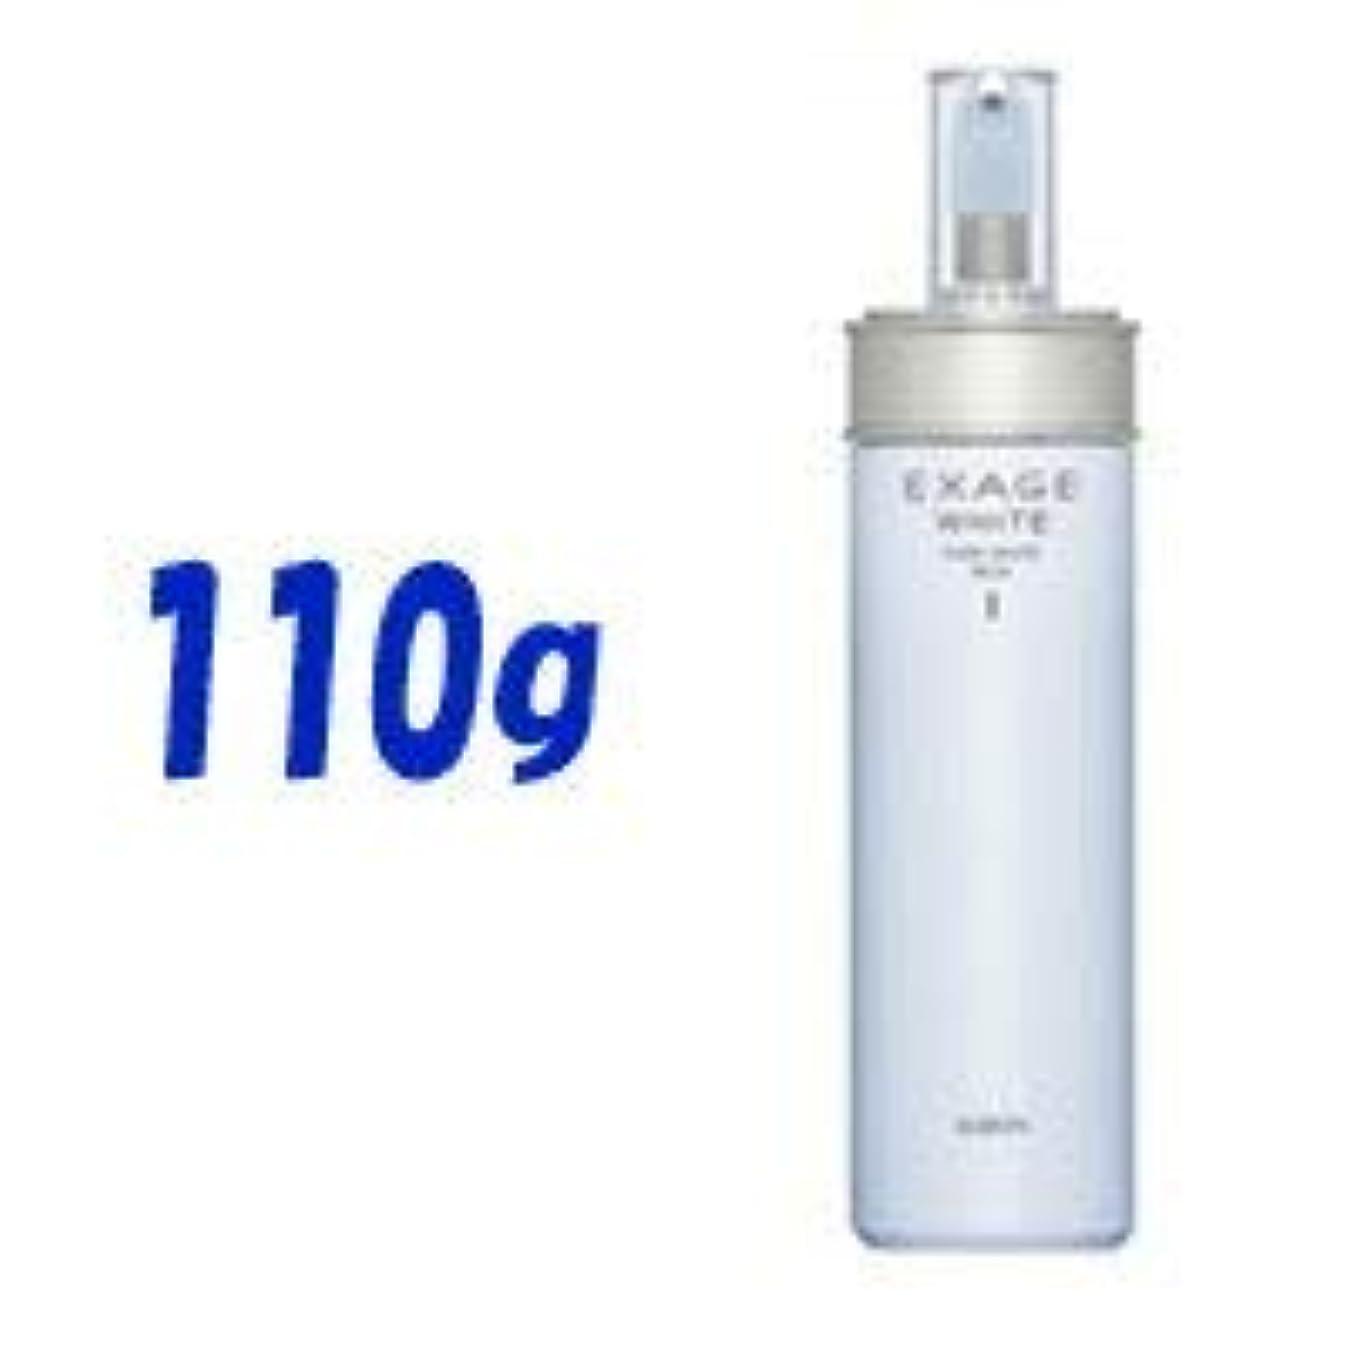 グラマー圧縮する宝アルビオン エクサージュ ホワイトピュアホワイトミルク(1) 110g